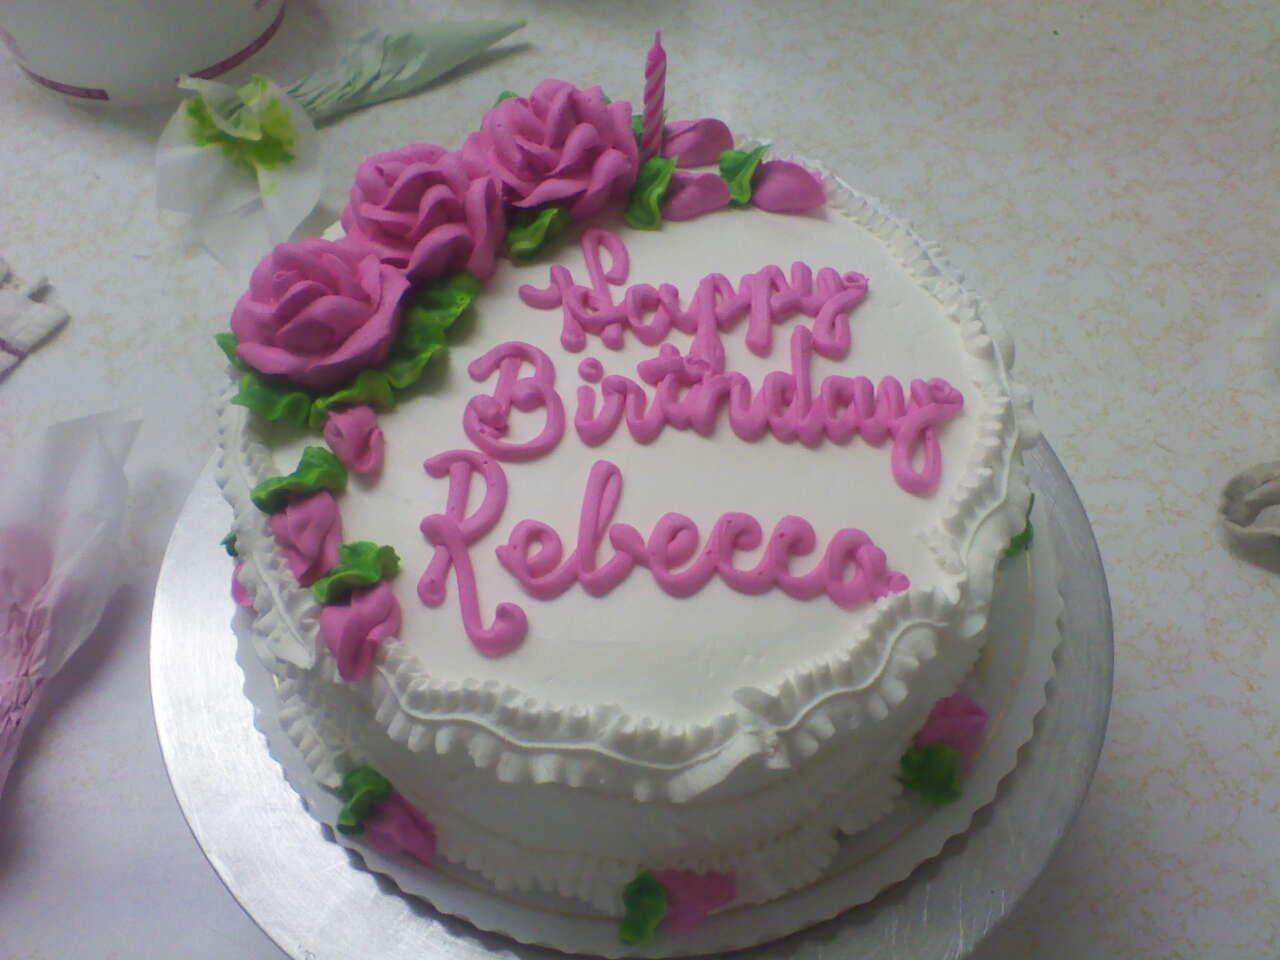 Bildergebnis für Birthday cake for Rebecca